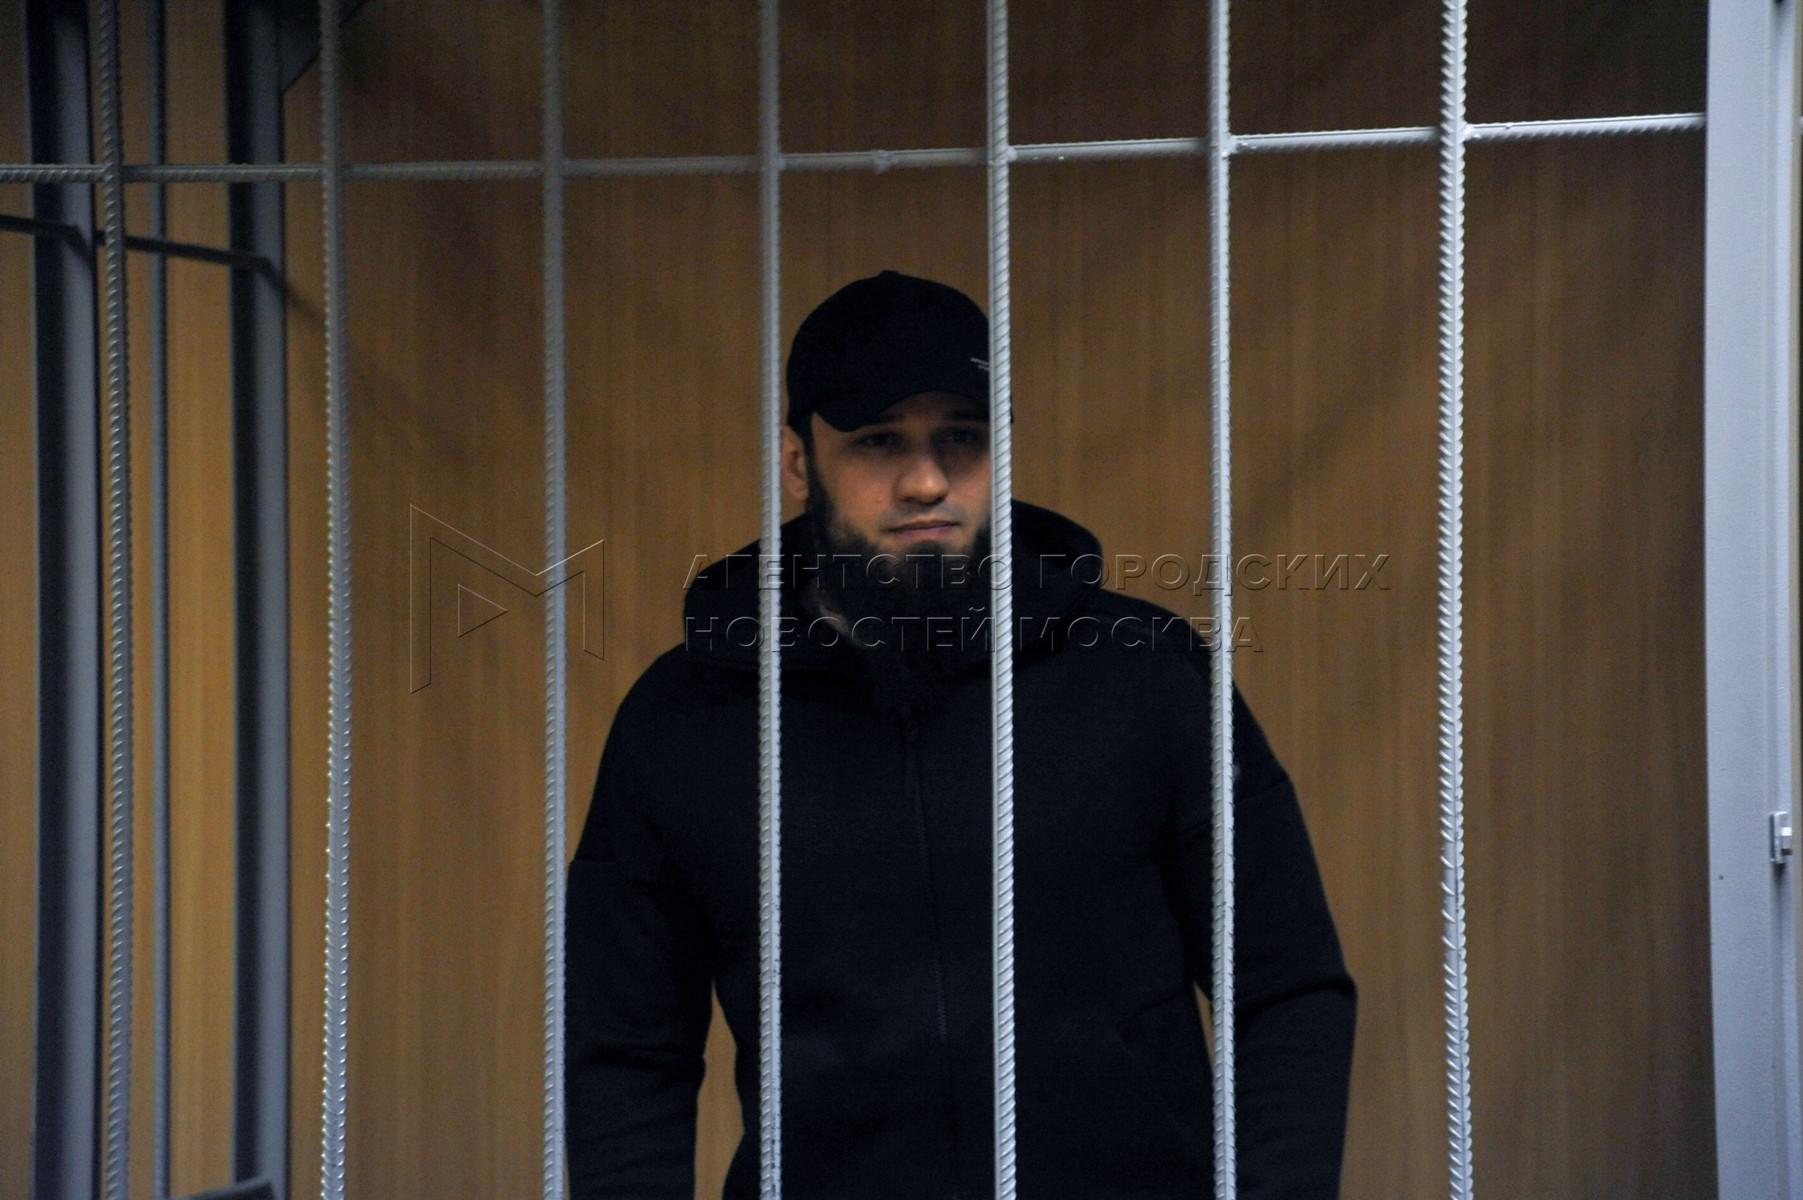 Сообщник фотомодели Ольги Синтюревой Ибрагим Дудаев, обвиняемый в краже 22 млн руб. у депутата госдумы Сергея Жигарева, в Пресненском суде во время рассмотрения дела.